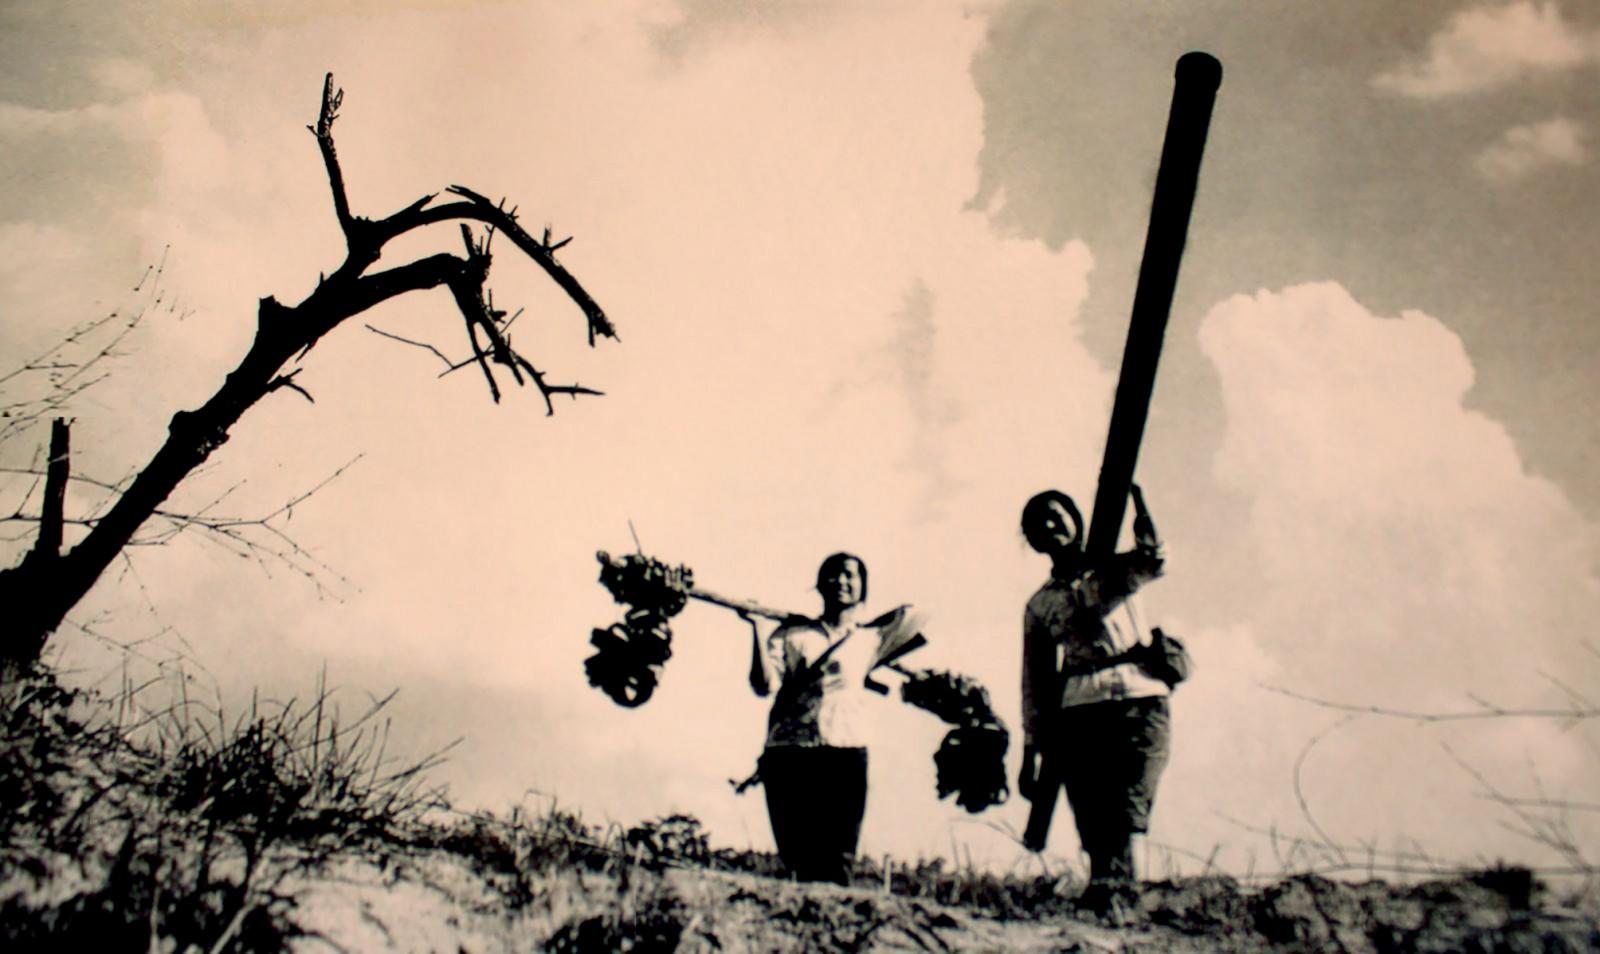 Nữ chiến sĩ tham gia xây dựng đường ống xăng dầu trên đường Trường Sơn. Ảnh: Ảnh chụp lại từ ảnh tư liệu.